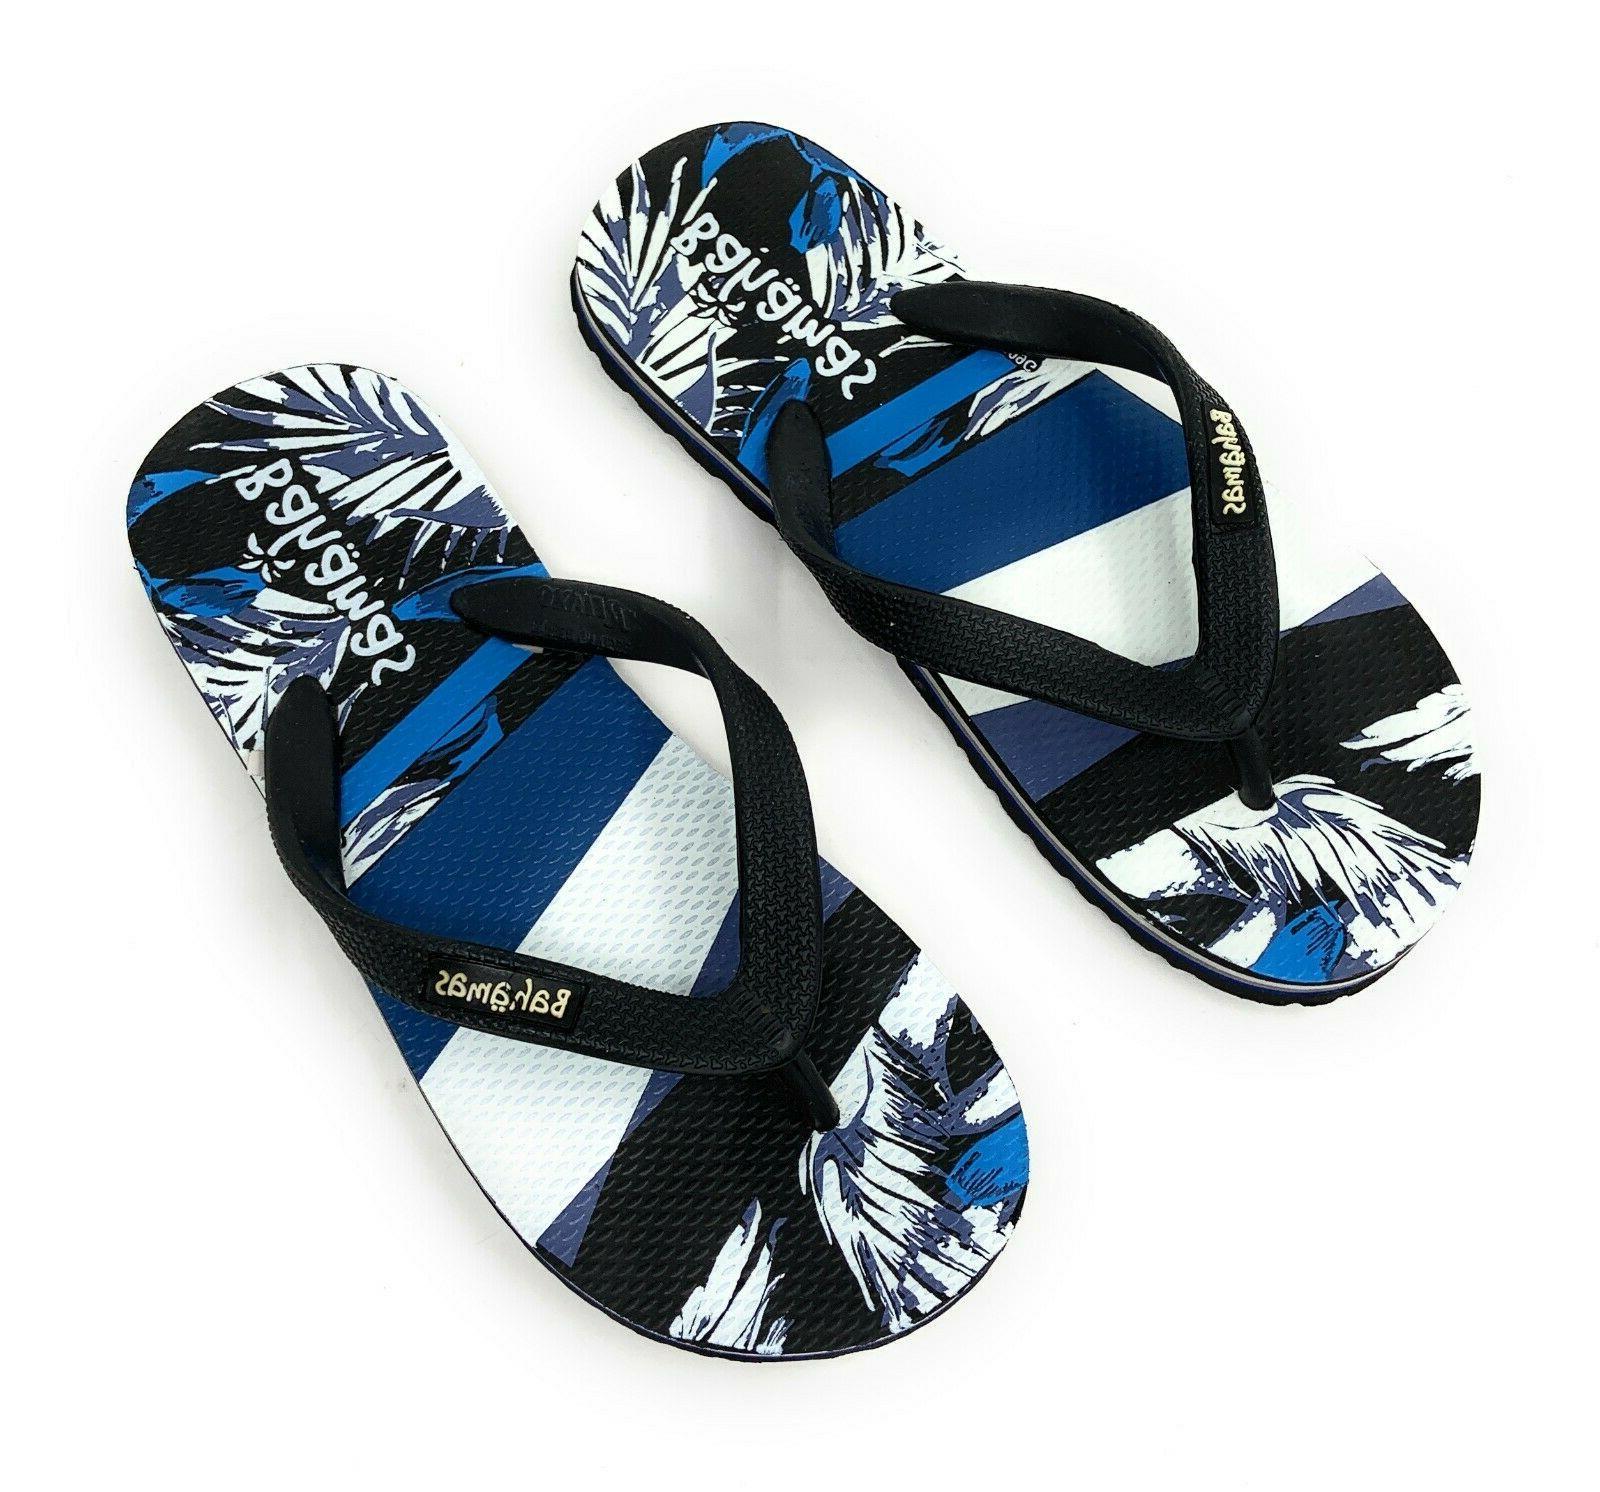 Bahamas Mens Flip Premium Thong Sandals